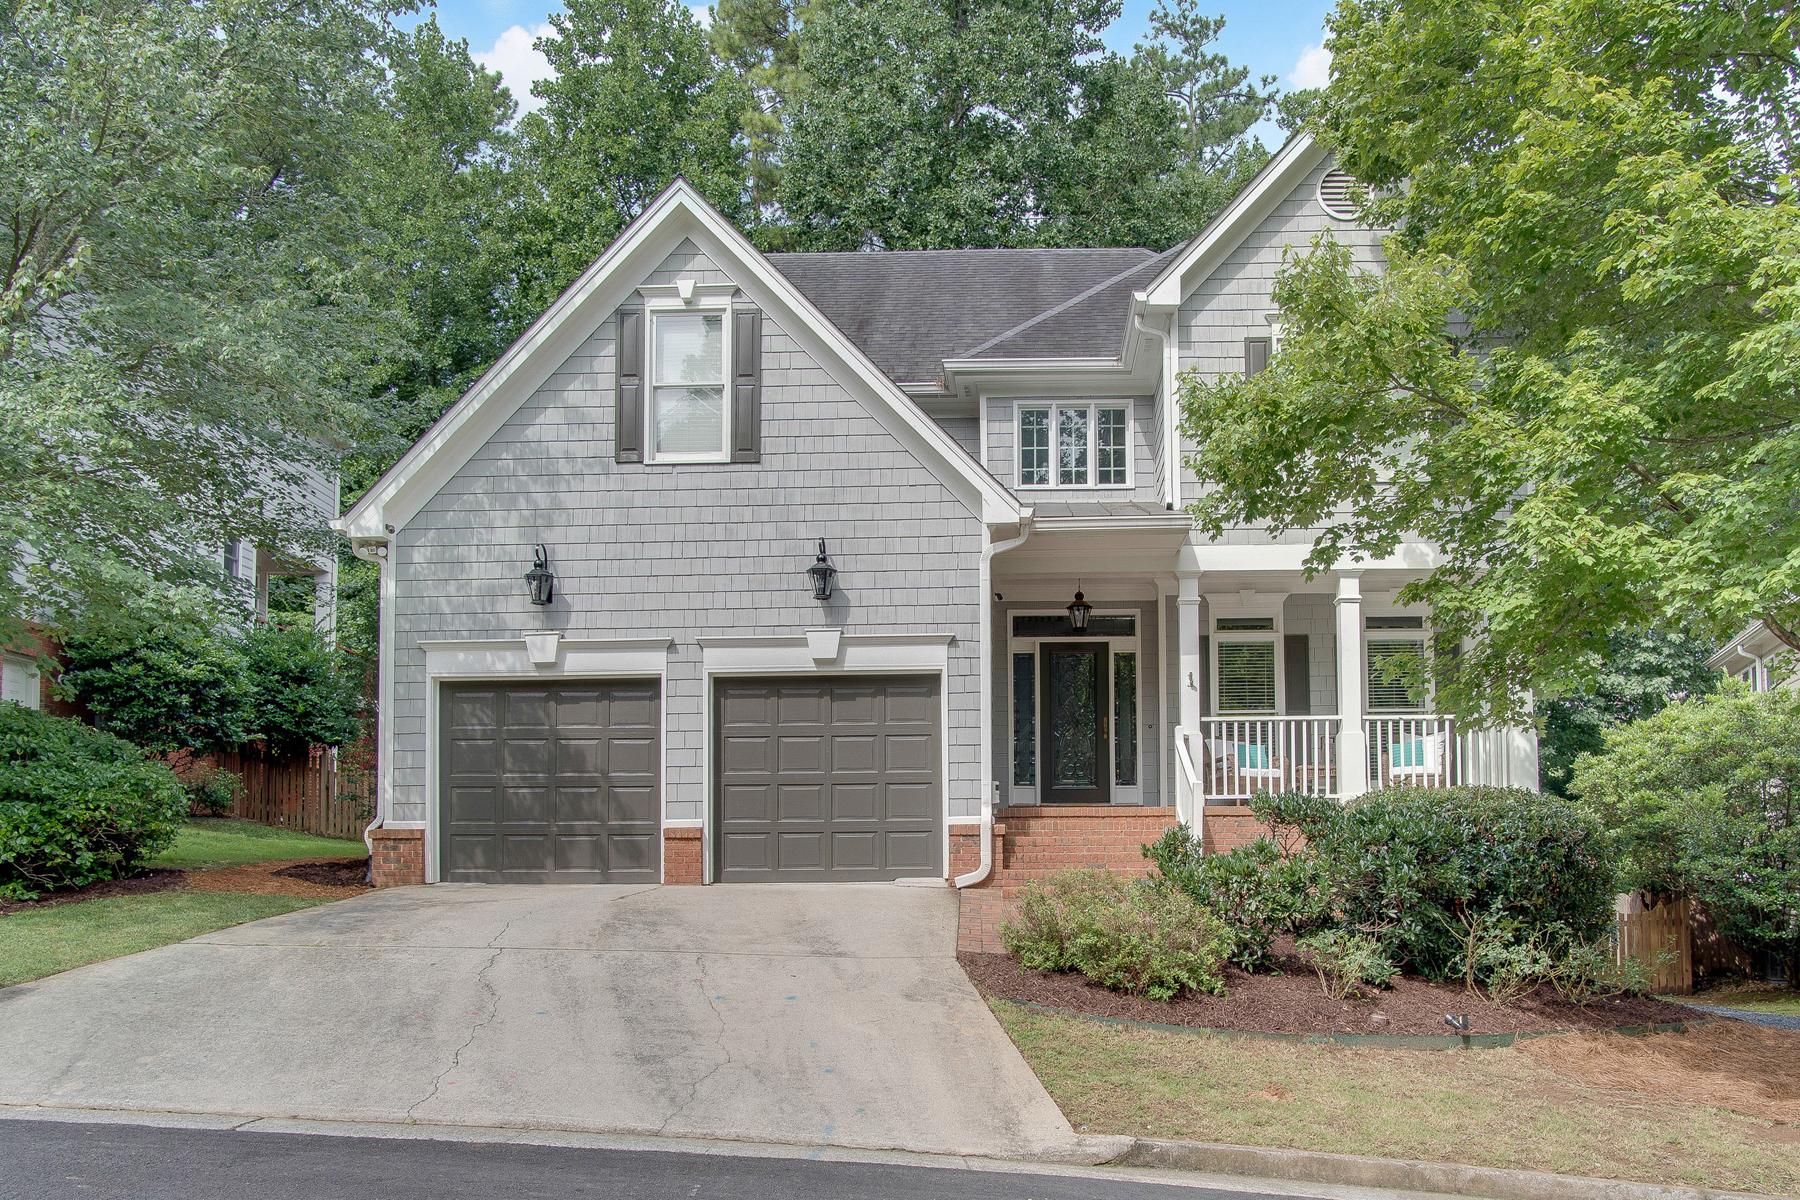 Maison unifamiliale pour l Vente à Ideal Cul-de-sac Location For Light-Filled Home In Brookhaven Heights 2238 Lenox Ridge Court Brookhaven, Georgia, 30319 États-Unis